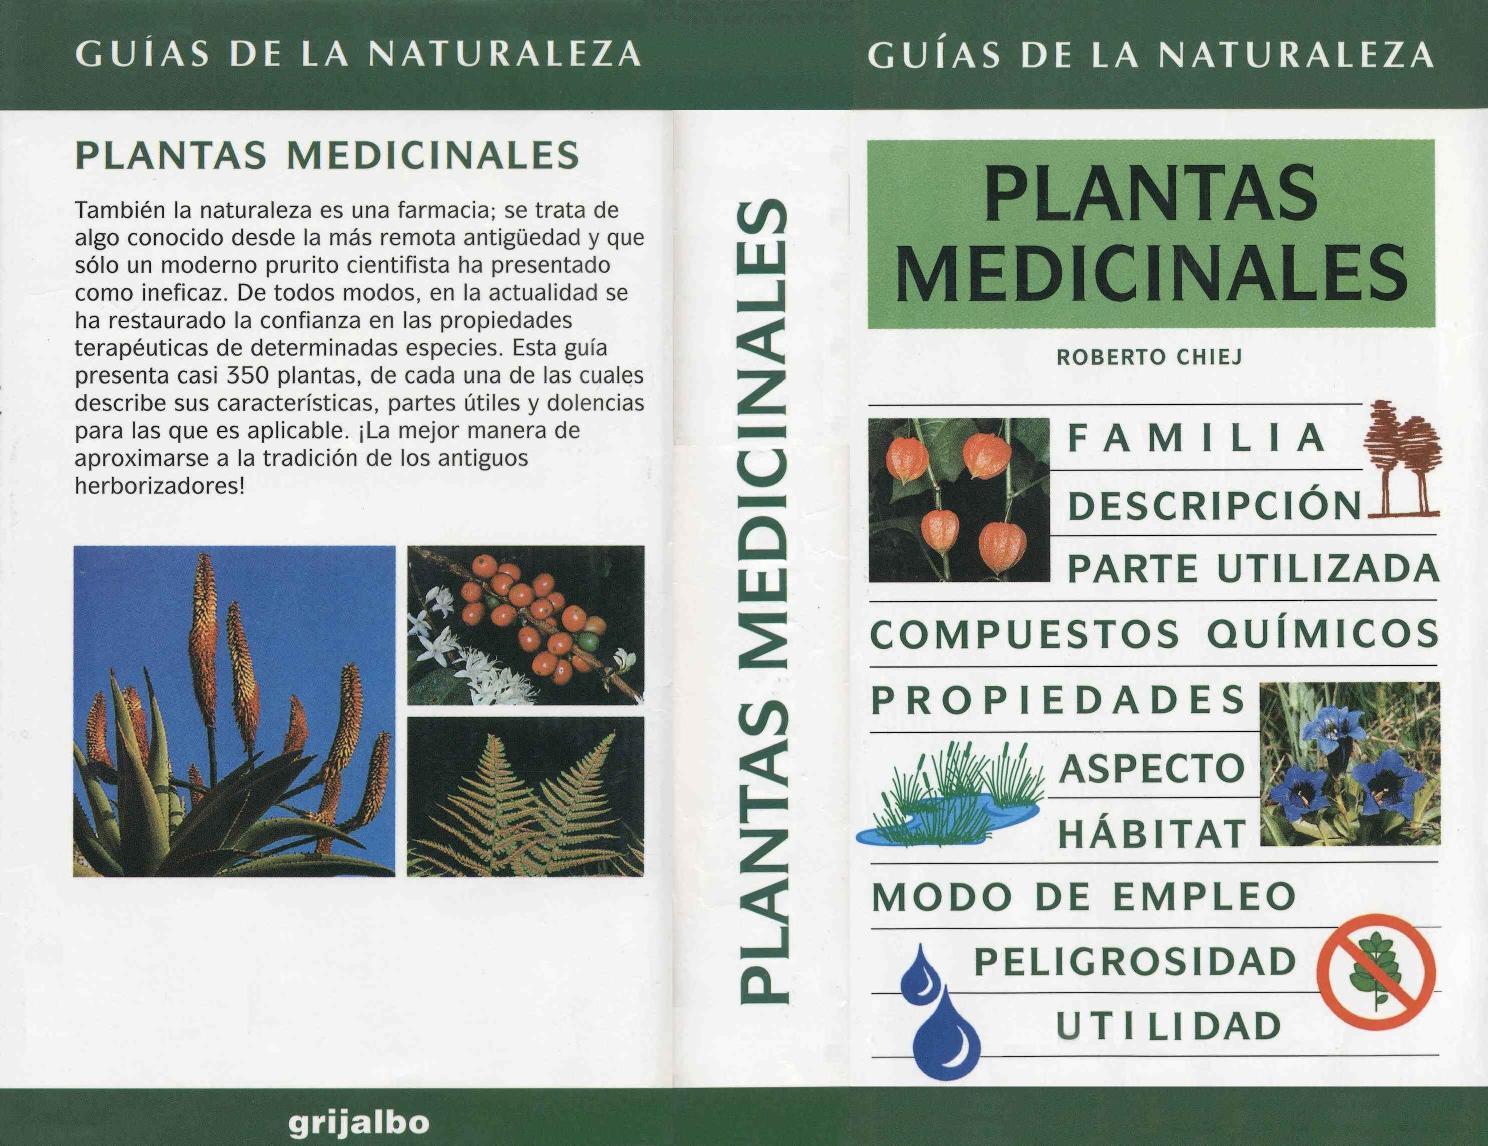 Guia plantas medicinales roberto chiej by navetierra pa for Para q sirven las plantas ornamentales